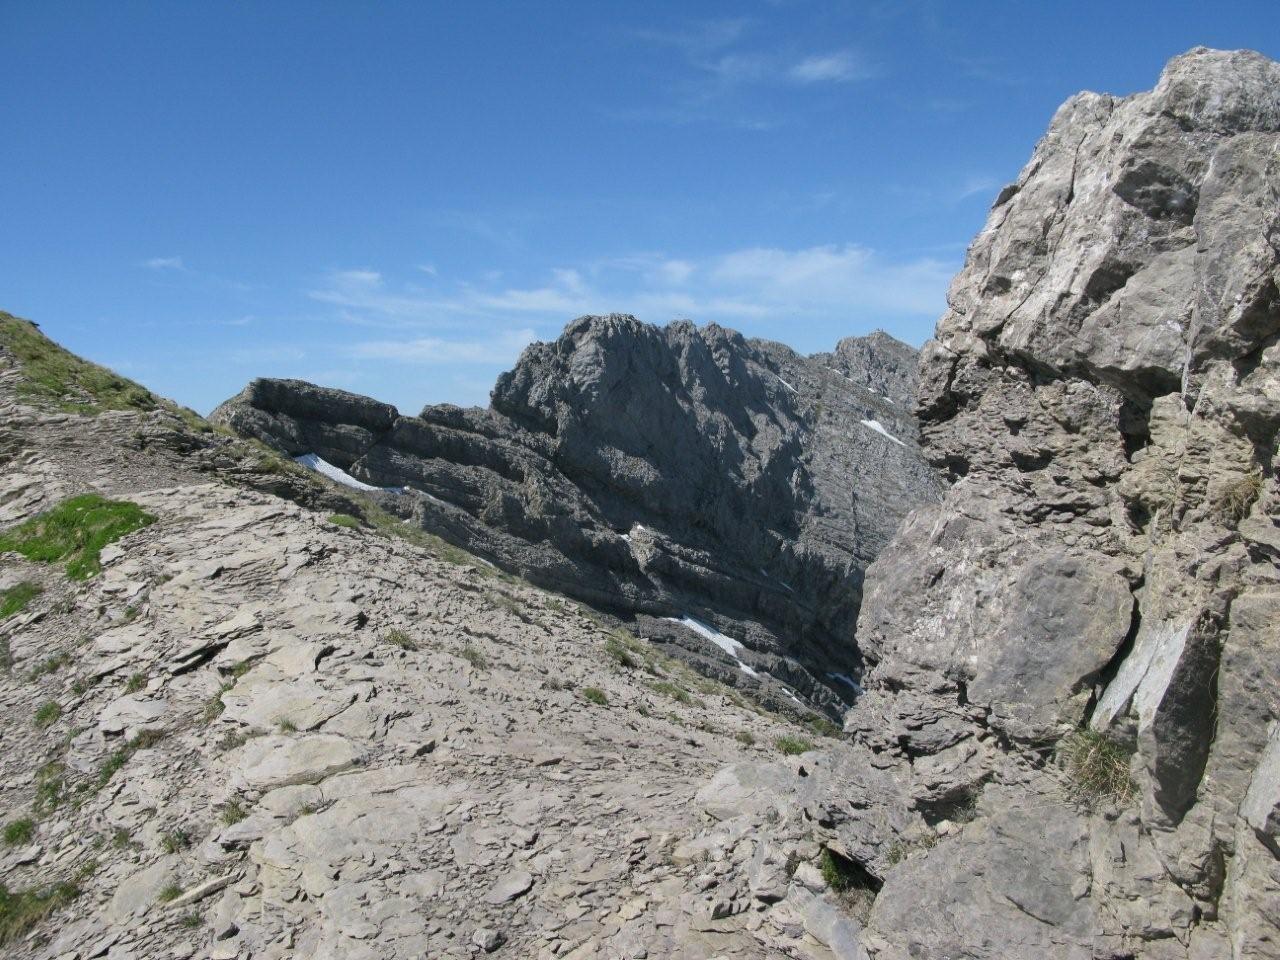 arrivée au sommet avec le sommet 2478 m. en face